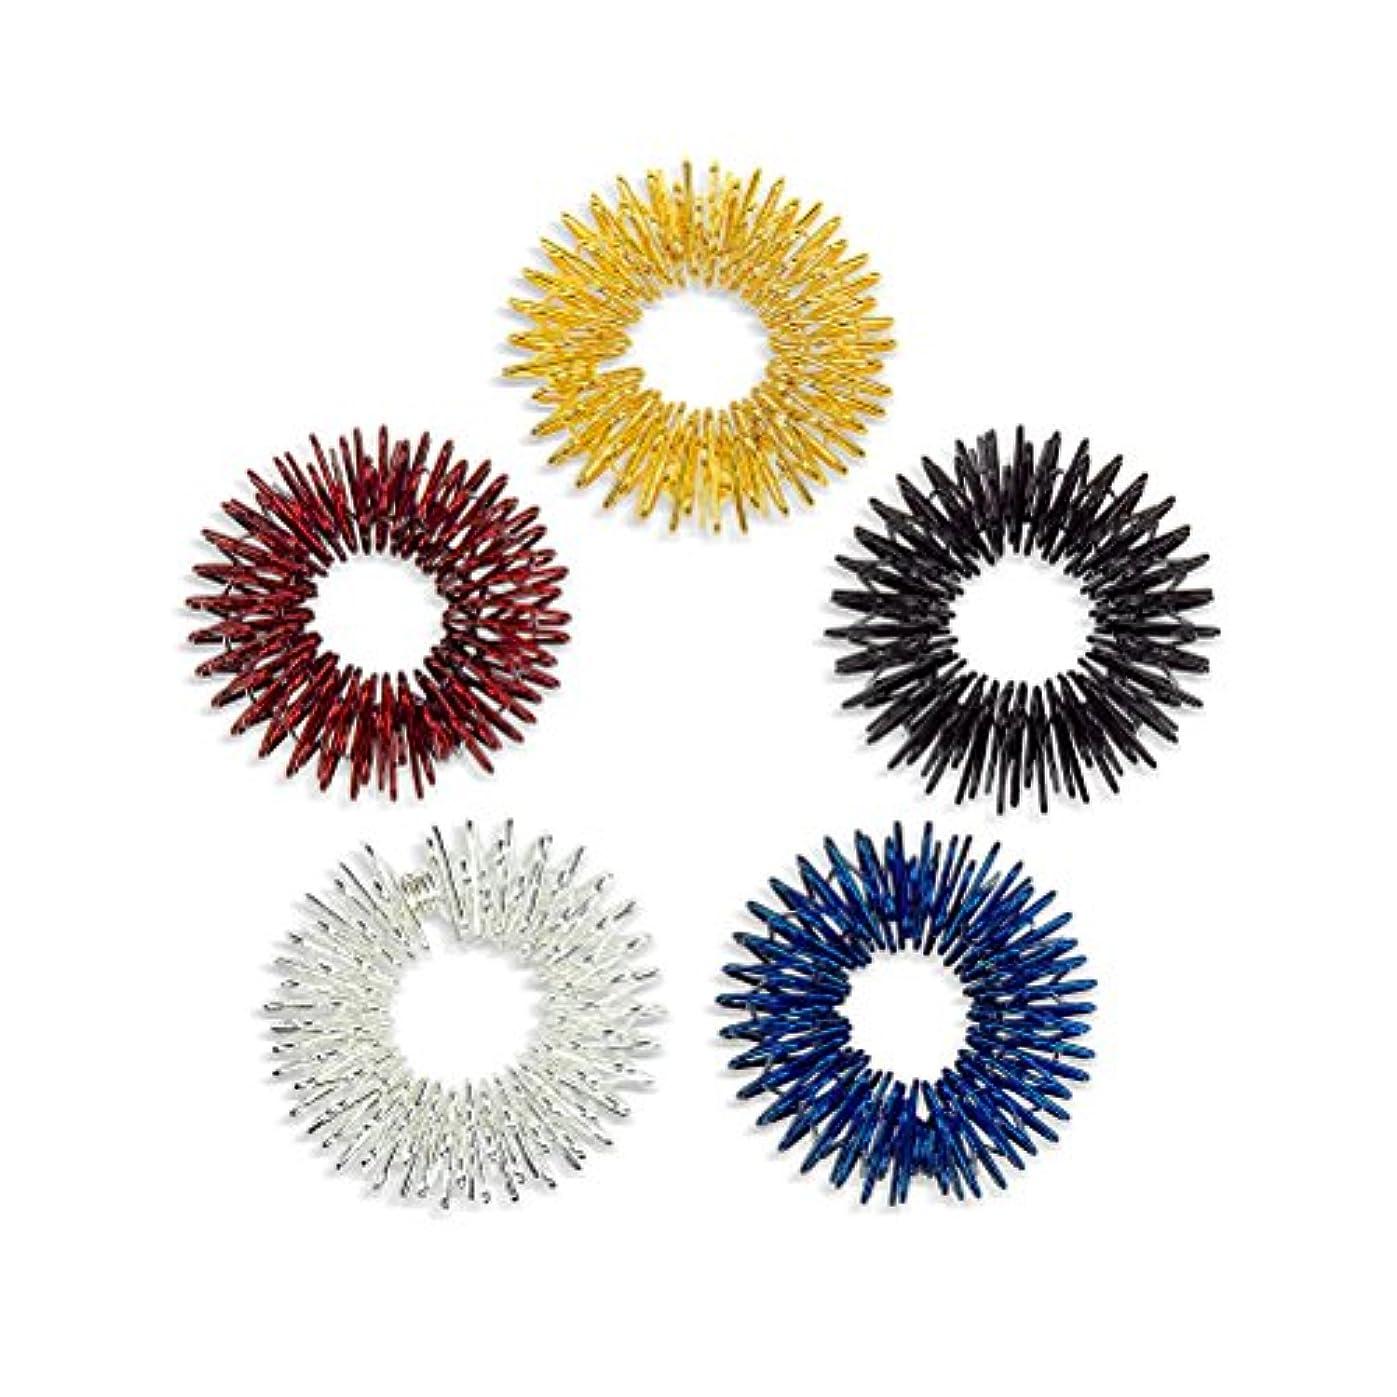 小さな雑種事実上Healifty 5本指圧マッサージリング子供のための指の循環リング十代の若者たちの大人(盛り合わせ色)